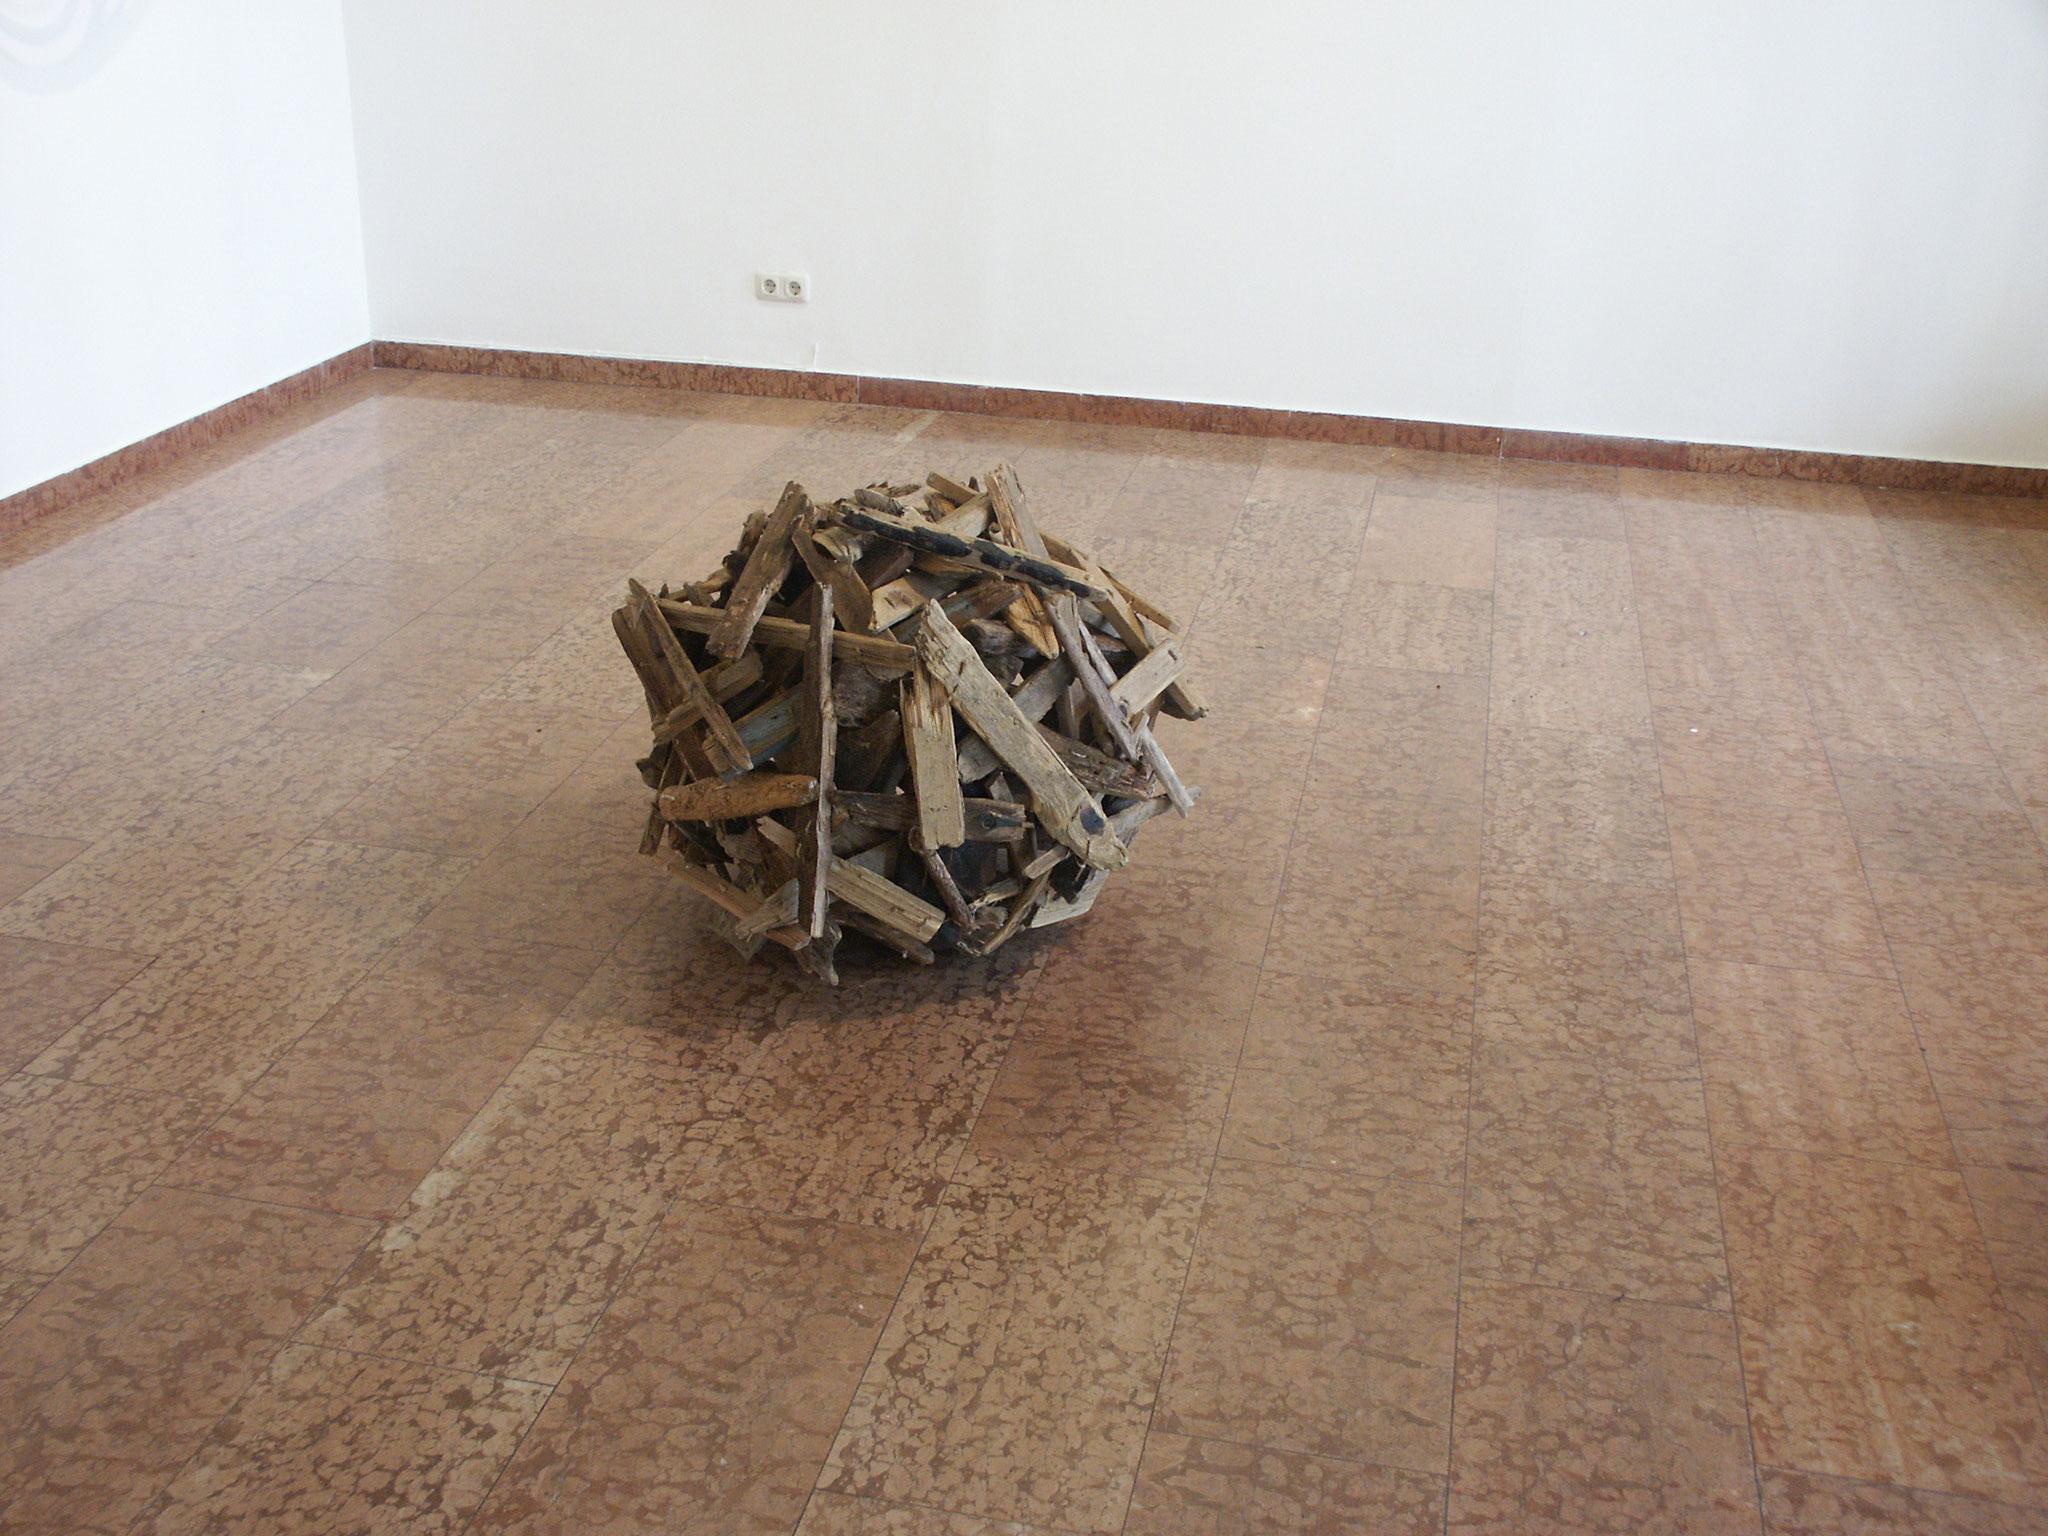 Holzkugel (genäht, vom Kater geplättet), Kraftobjekte Wolfgang Wallner Hall in Tirol